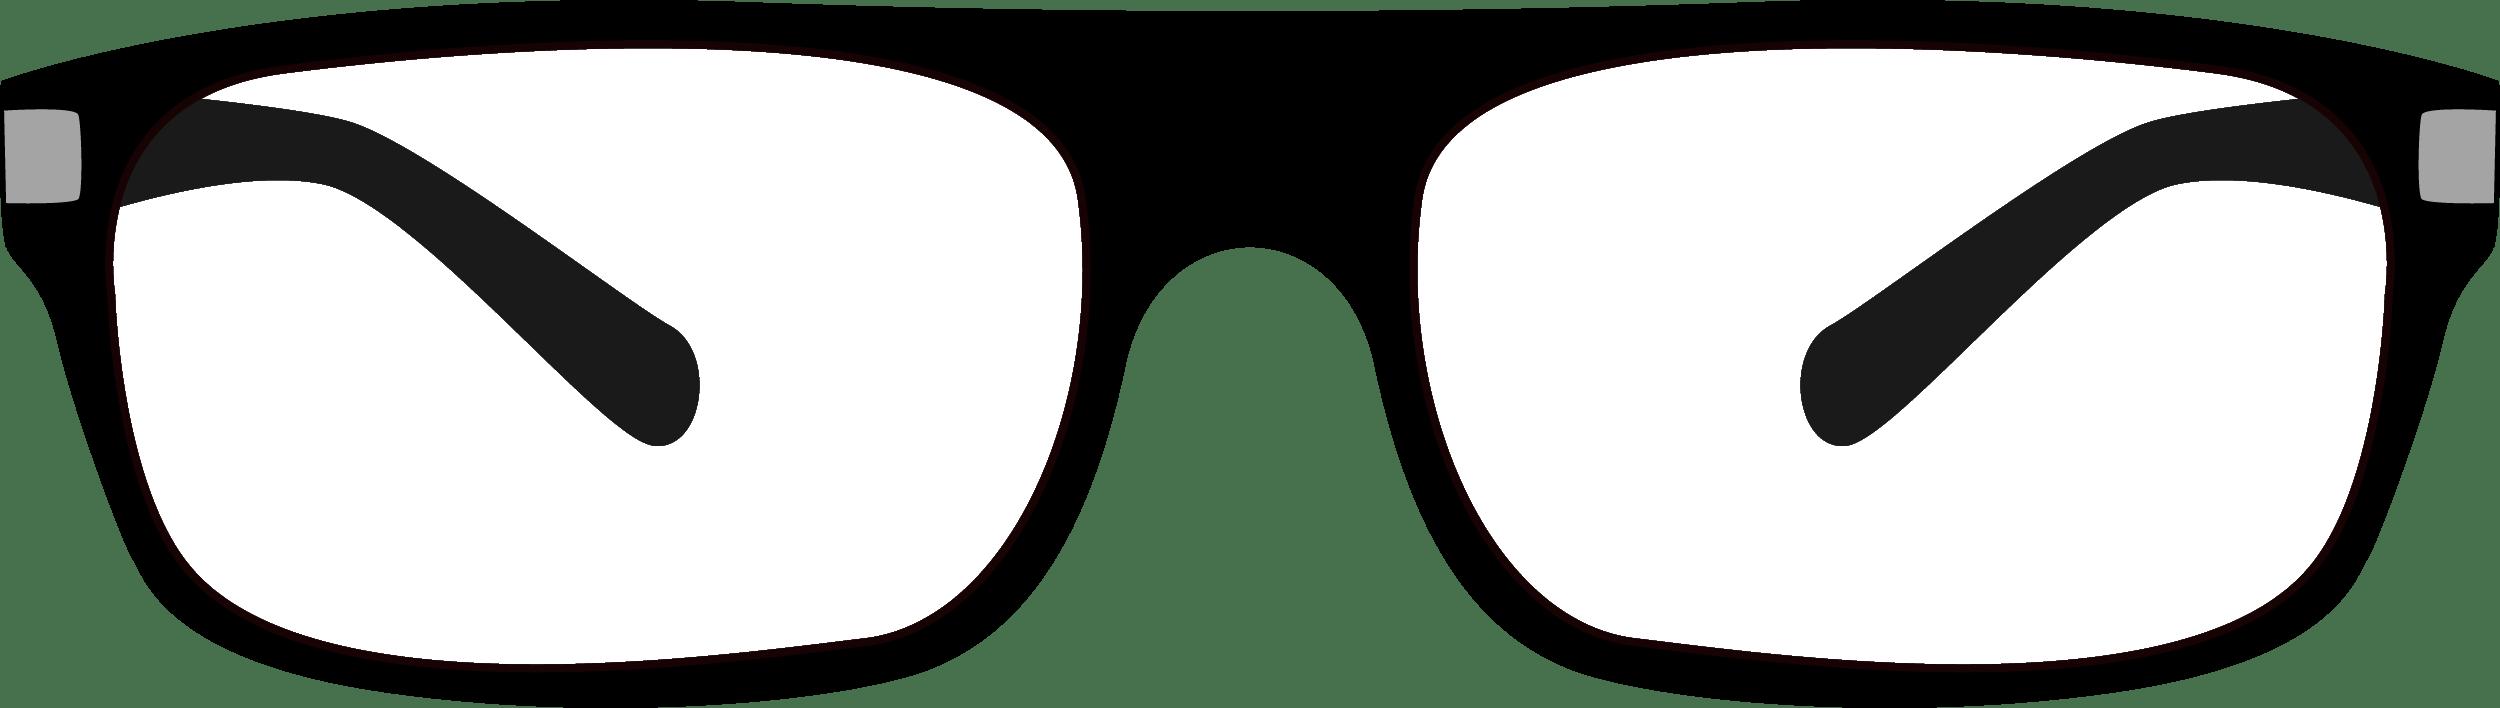 EyeGlasses PNG